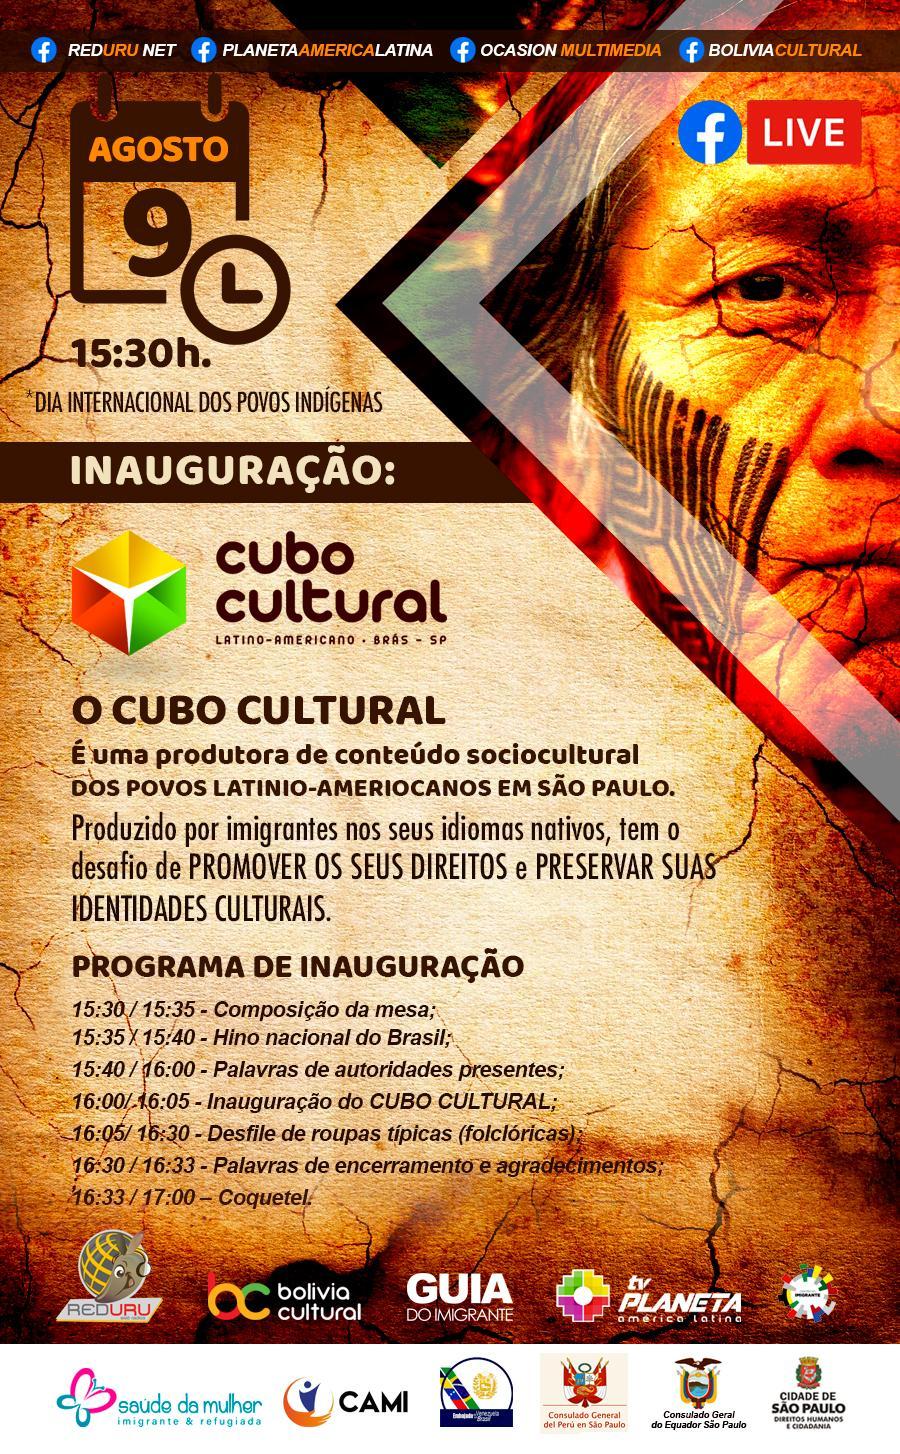 Inauguração do primeiro CUBO CULTURAL na cidade de São Paulo